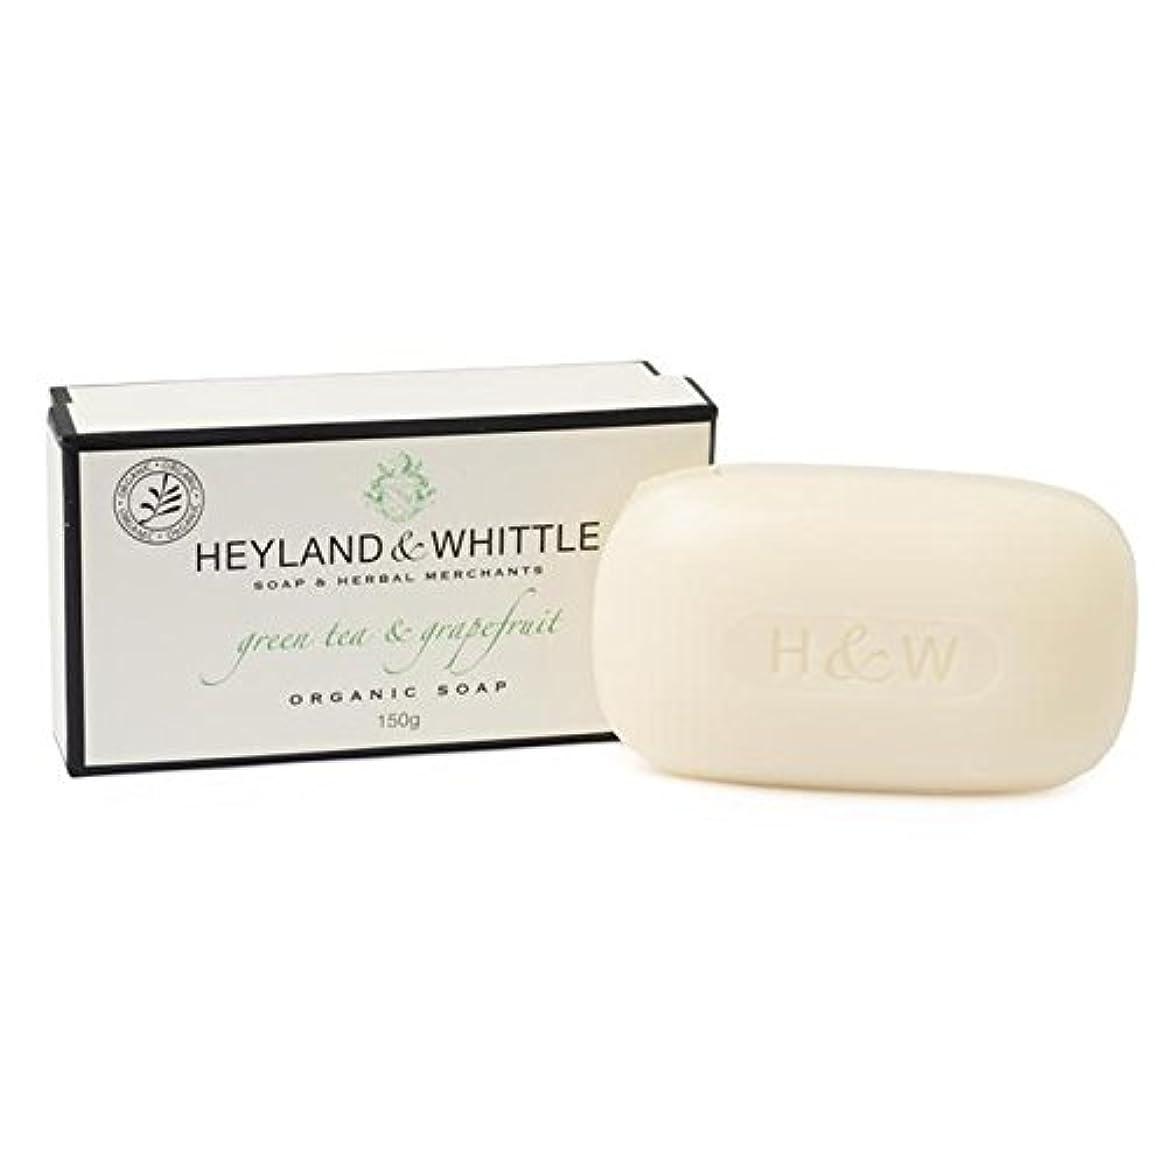 シリンダー八百屋乱暴なHeyland & Whittle Green Tea & Grapefruit Boxed Organic Soap 150g - &削る緑茶&グレープフルーツはオーガニックソープ150グラム箱入り [並行輸入品]